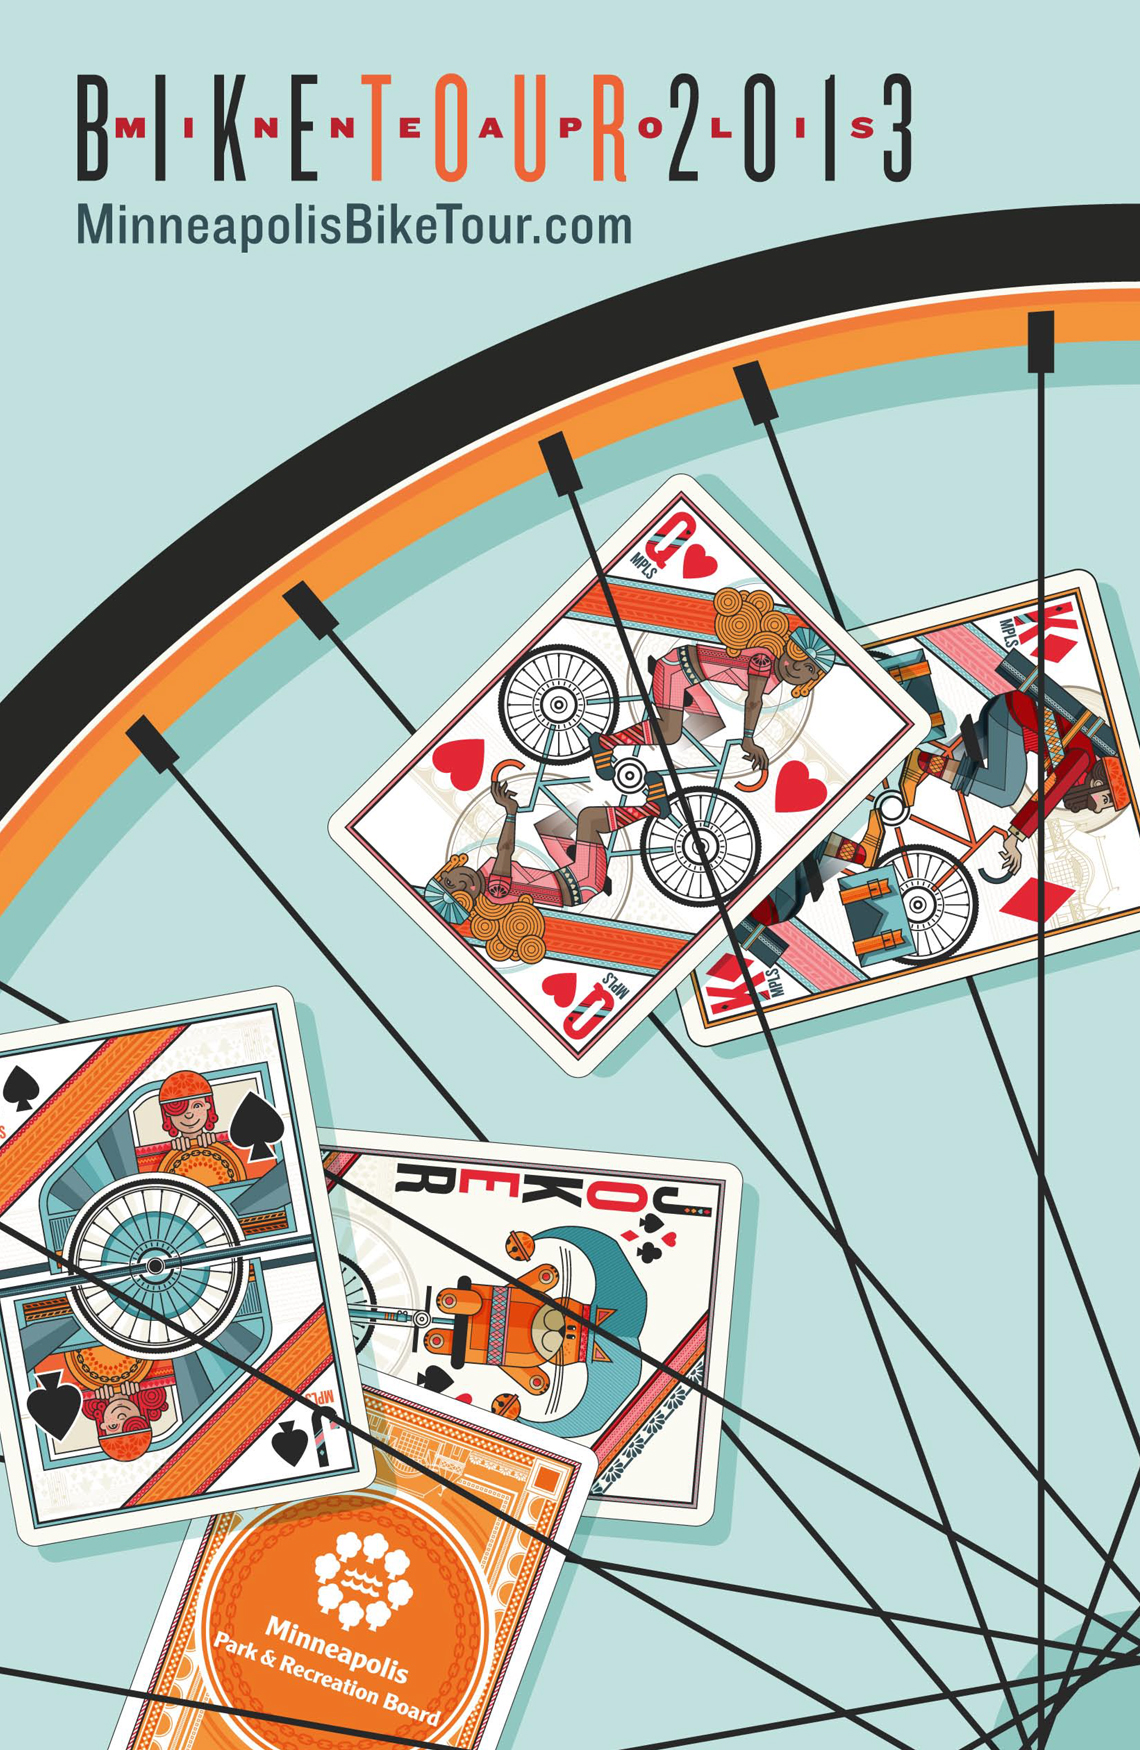 Minneapolis Bike Tour Poster